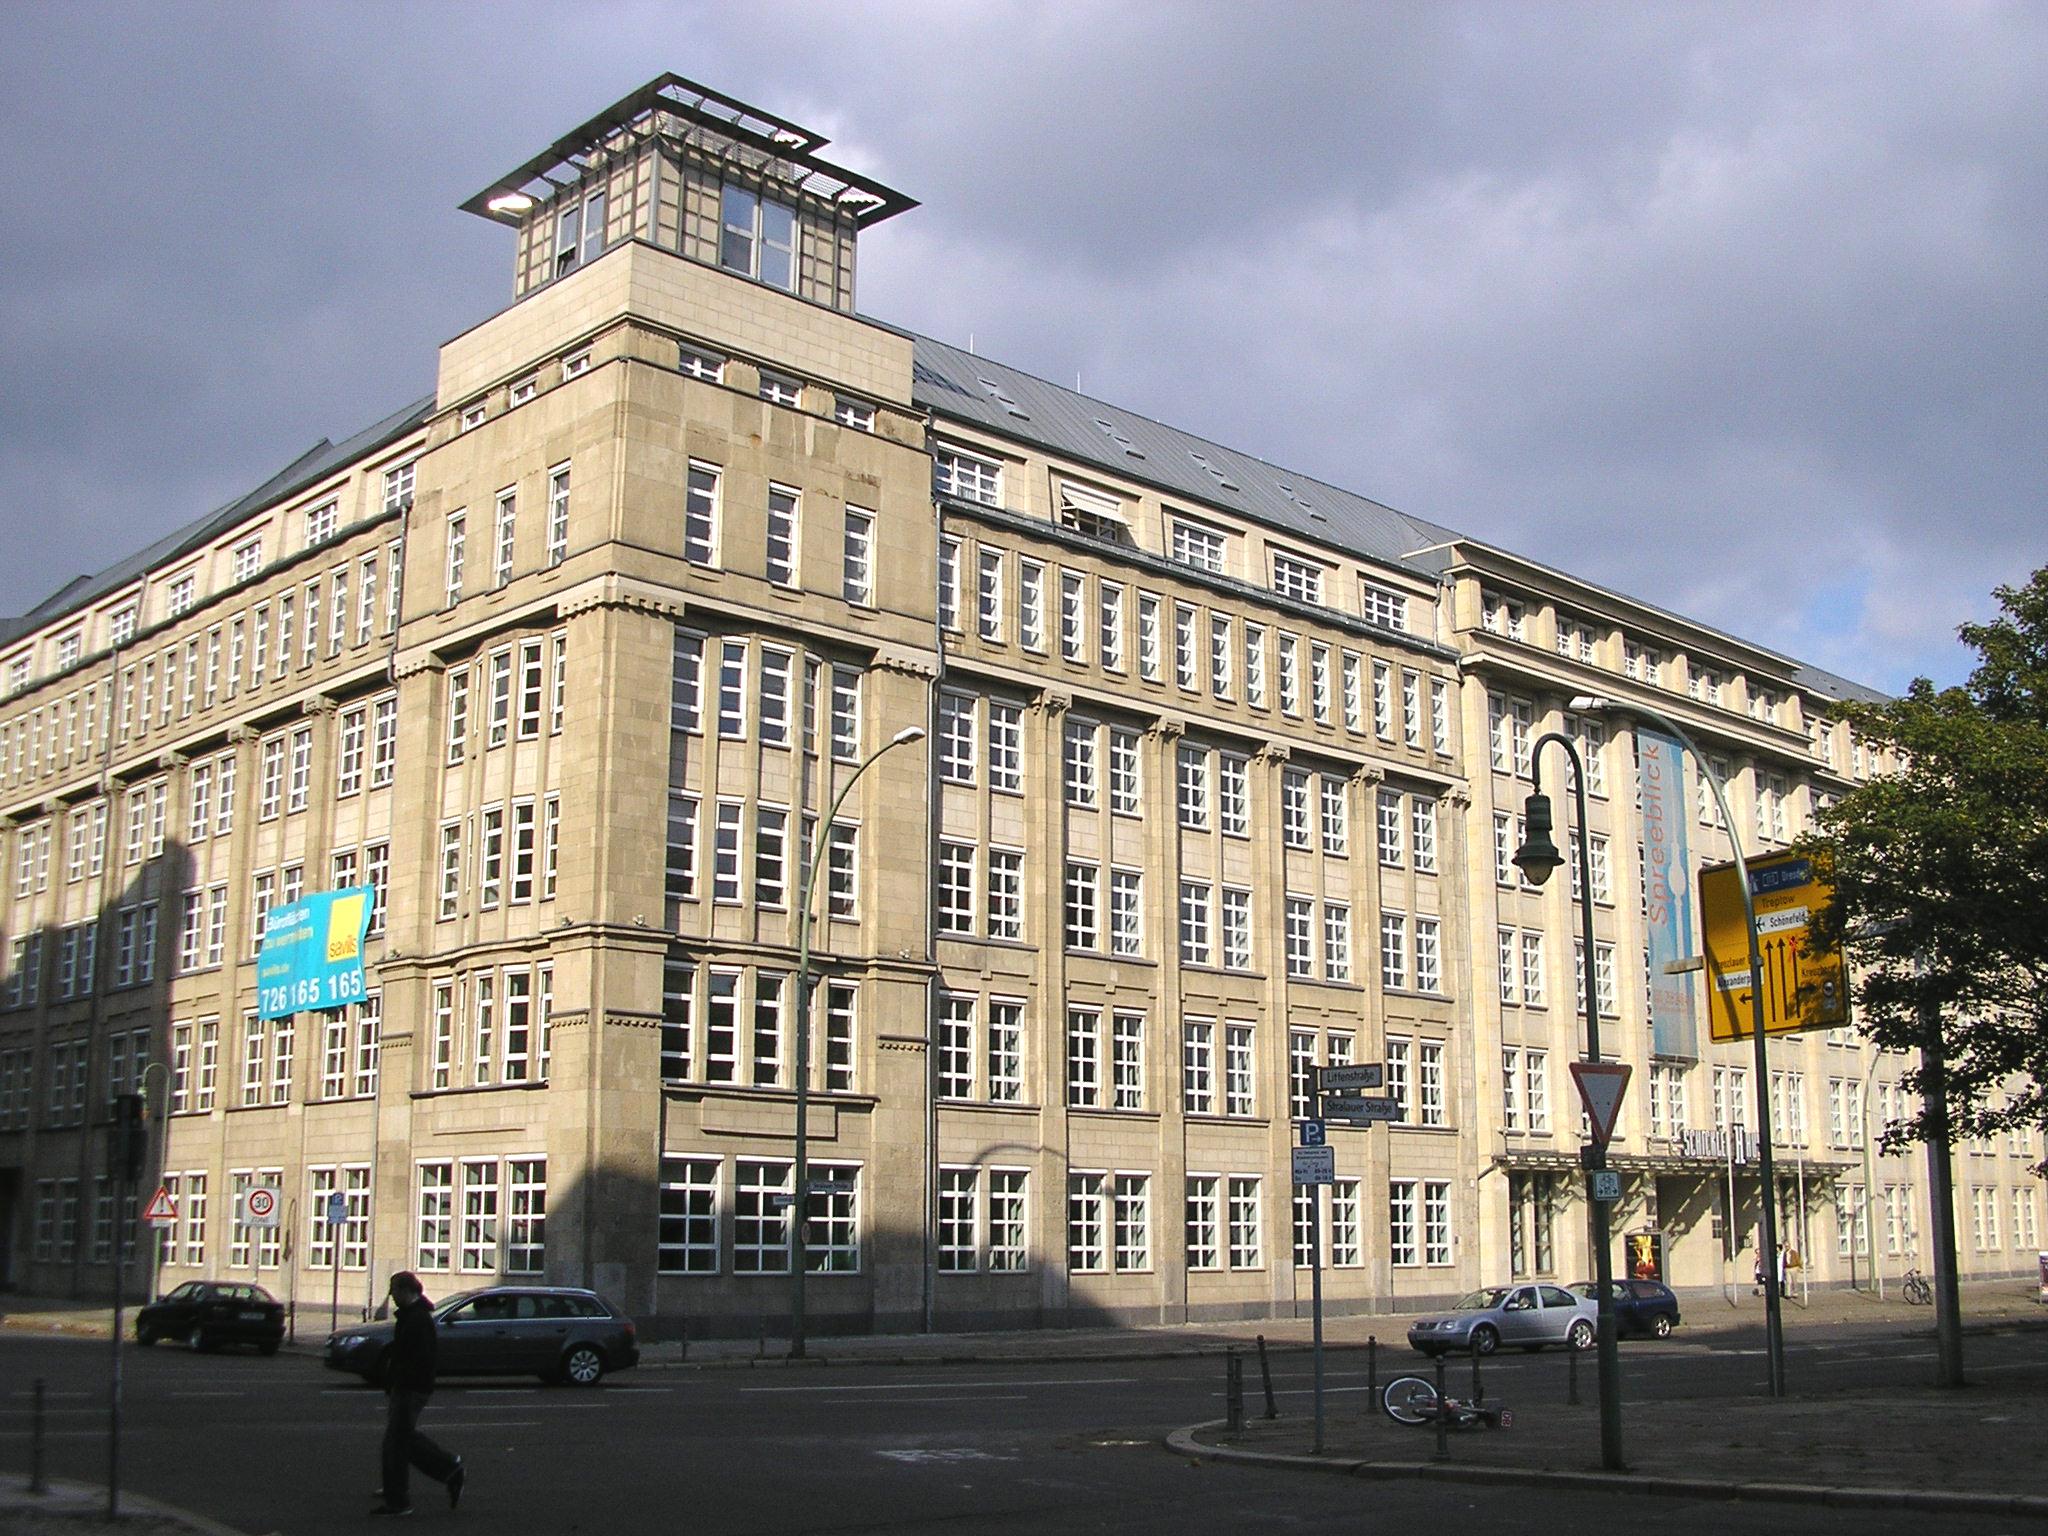 Das Schickler-Haus in Berlin-Mitte, in dem sich die MASCH-Zentrale befand.